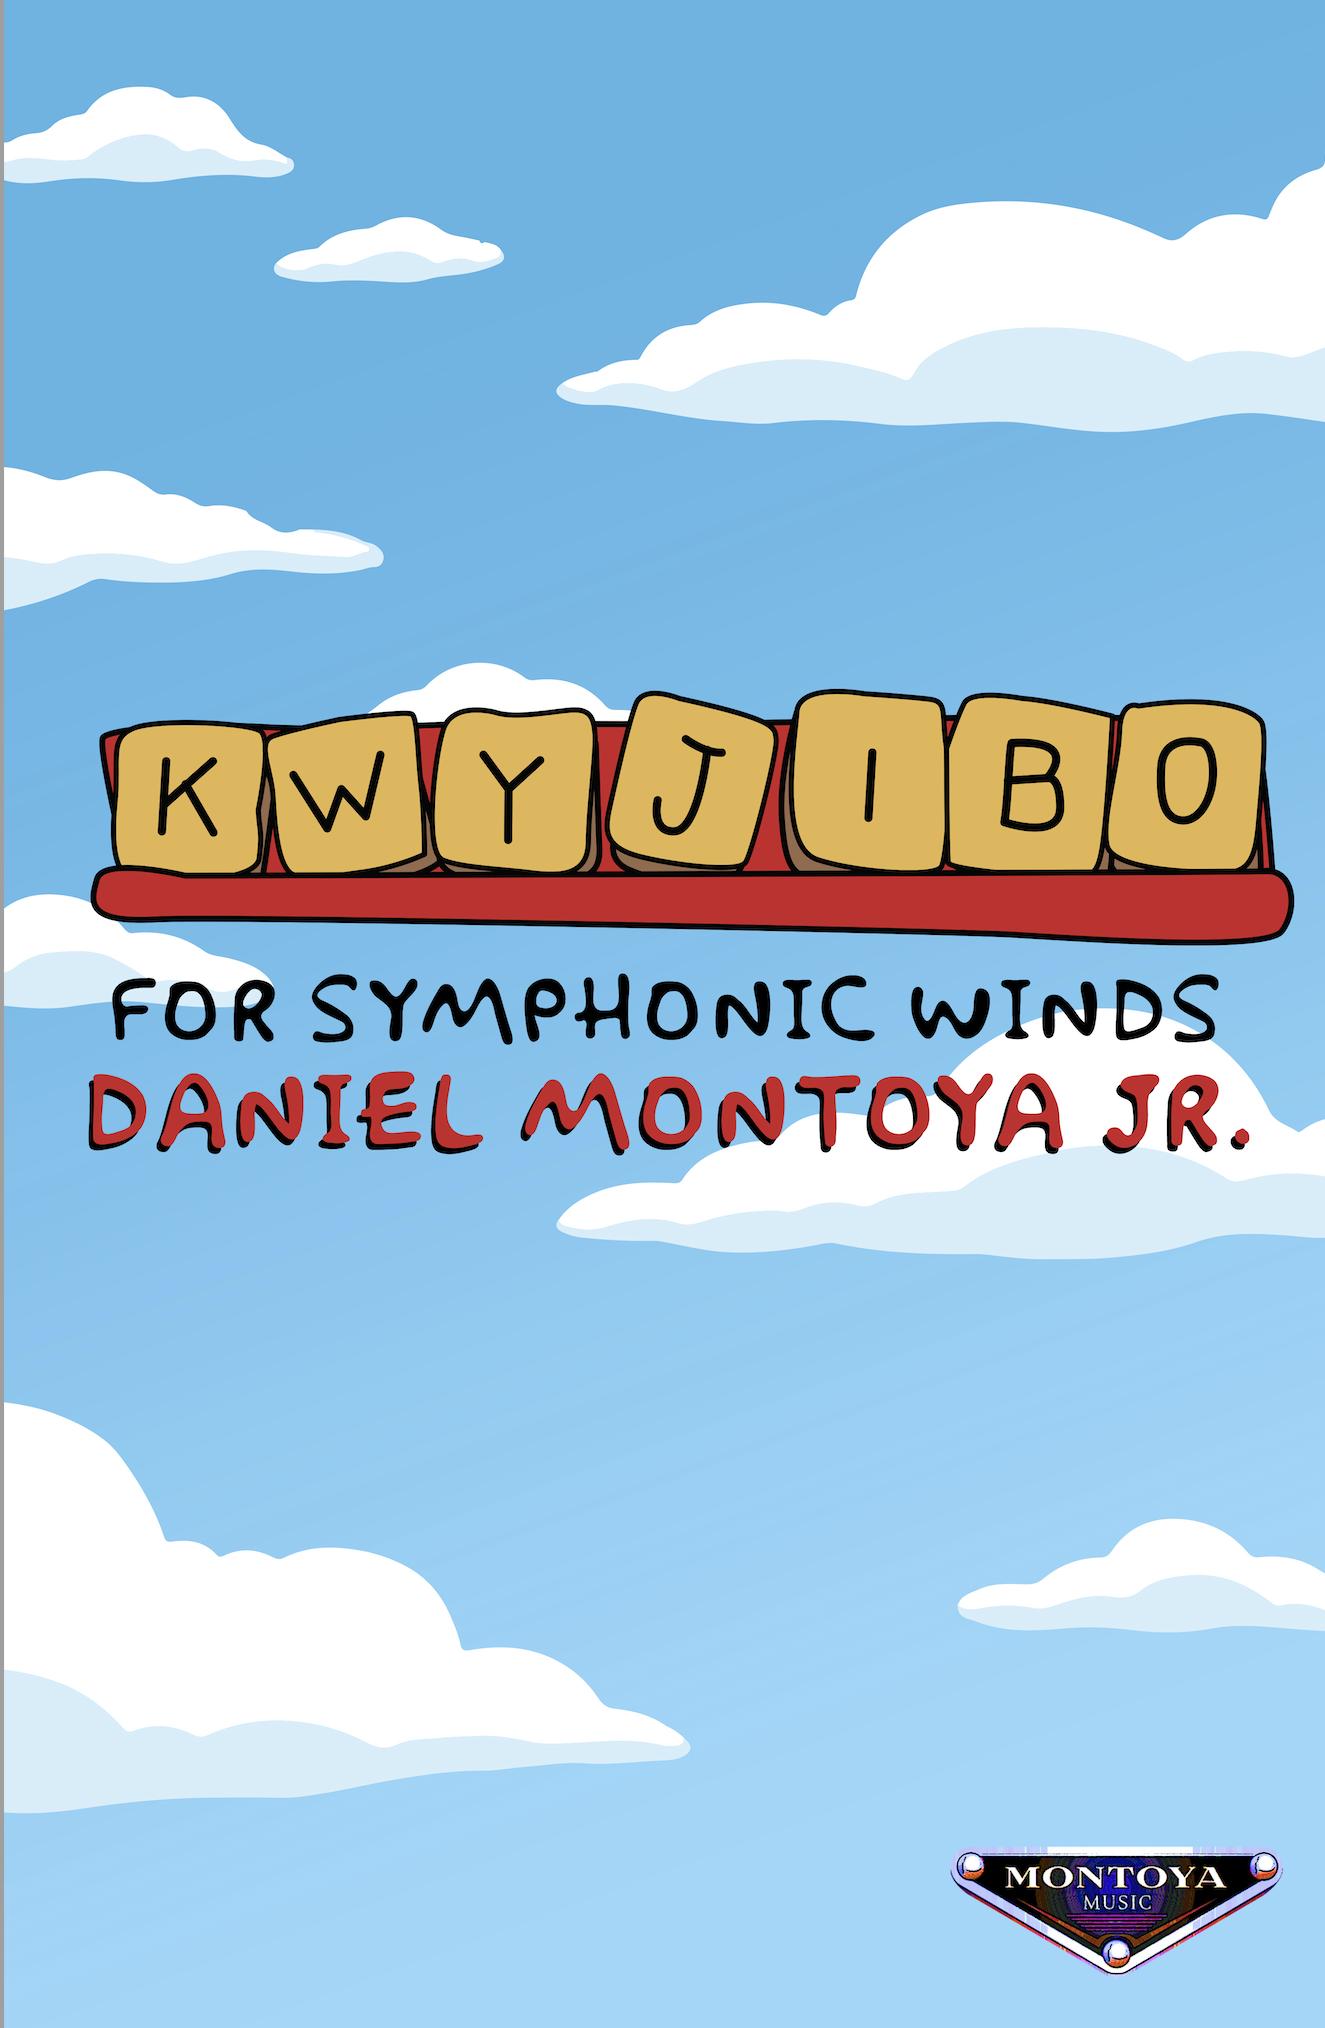 Kwyjibo by Daniel Montoya Jr.